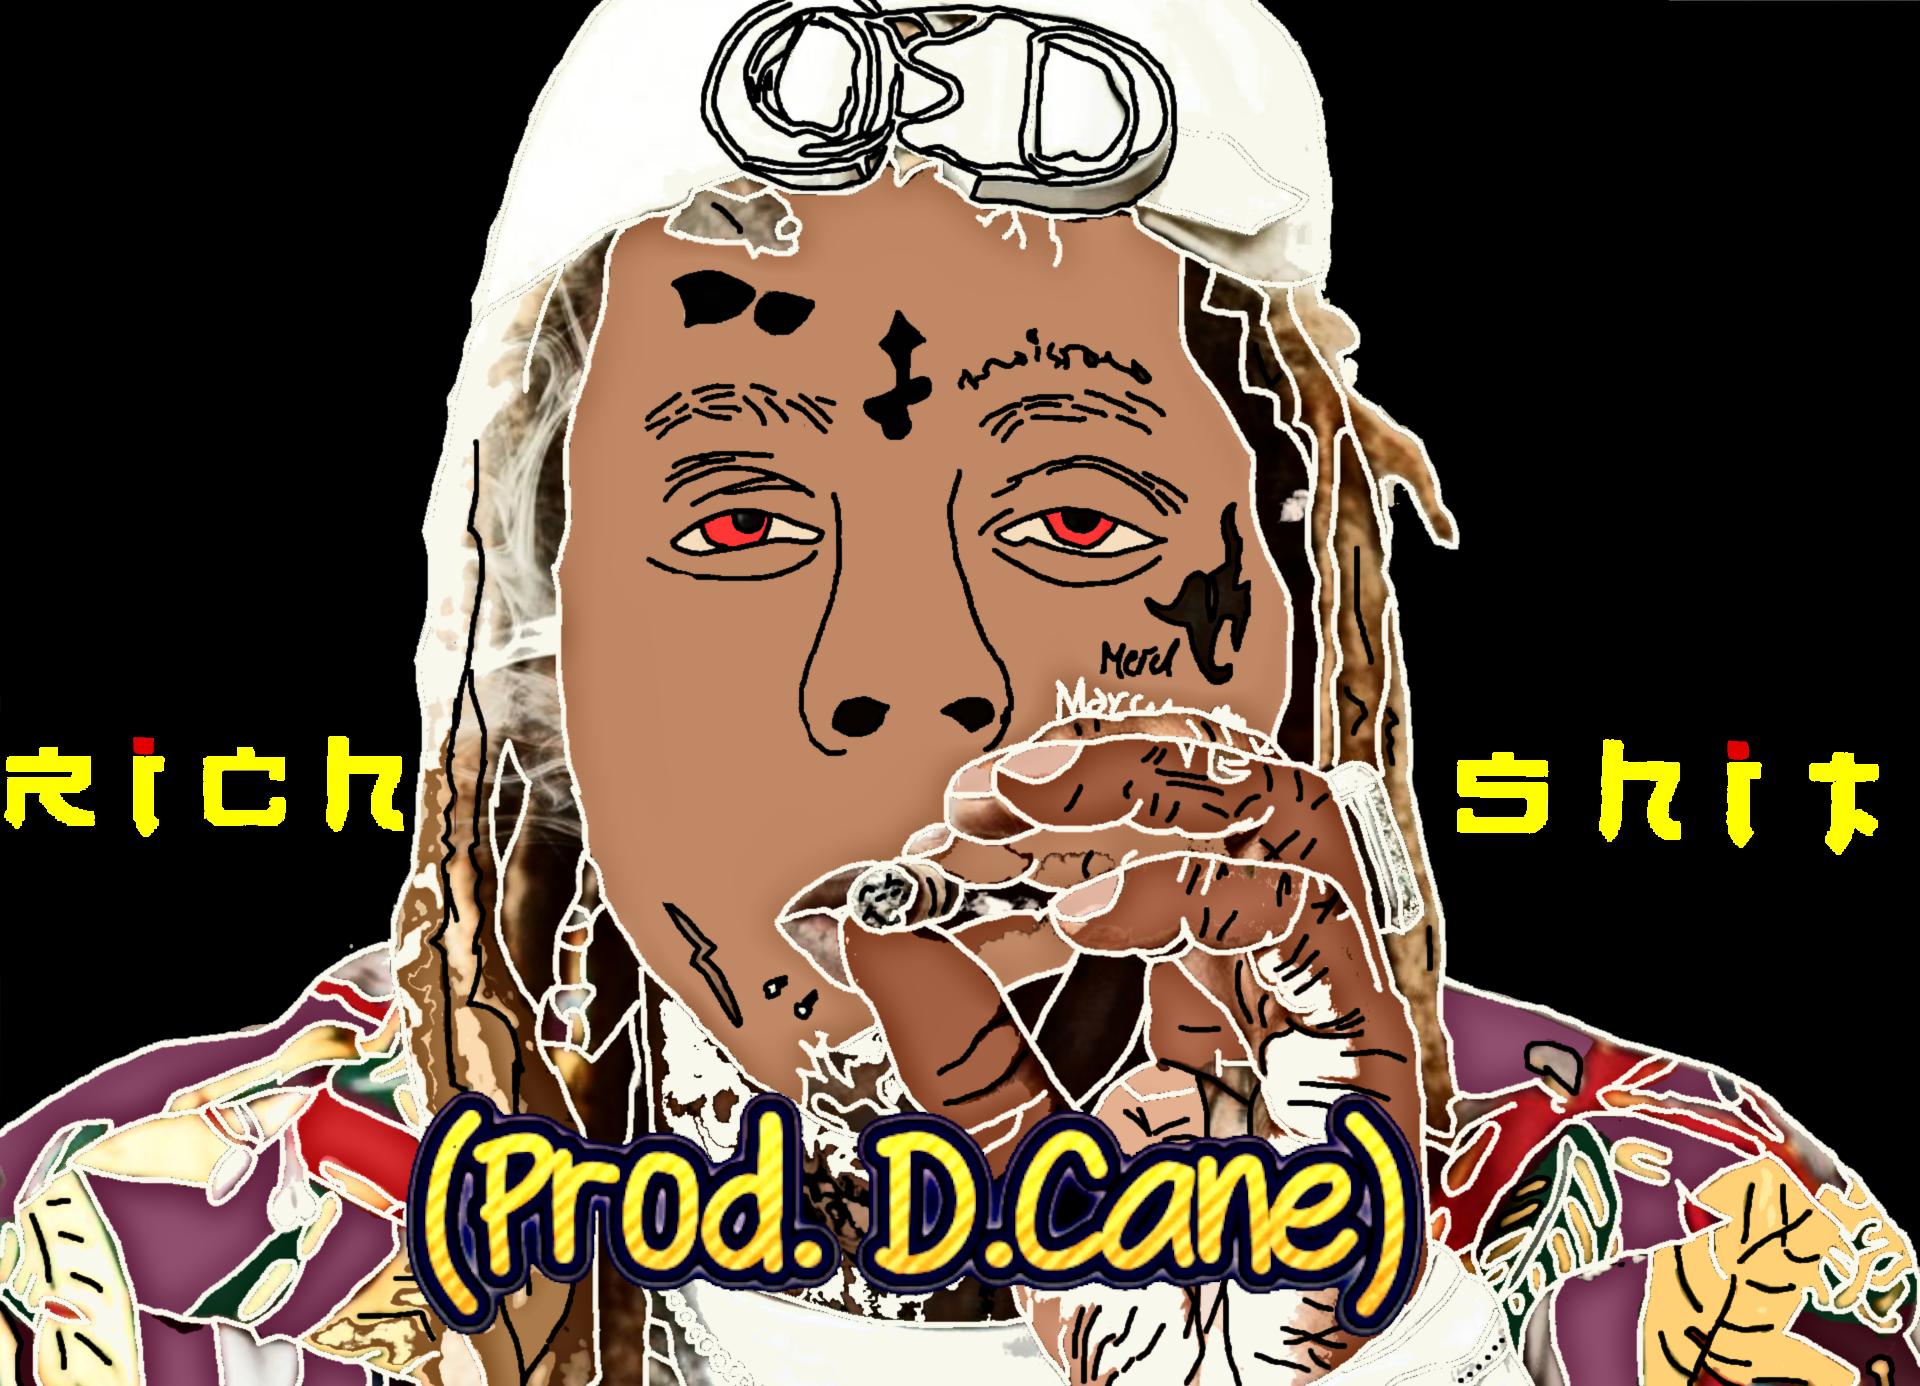 Rich Shit (with Hook) FT D.Cane[Prod. D.Cane]